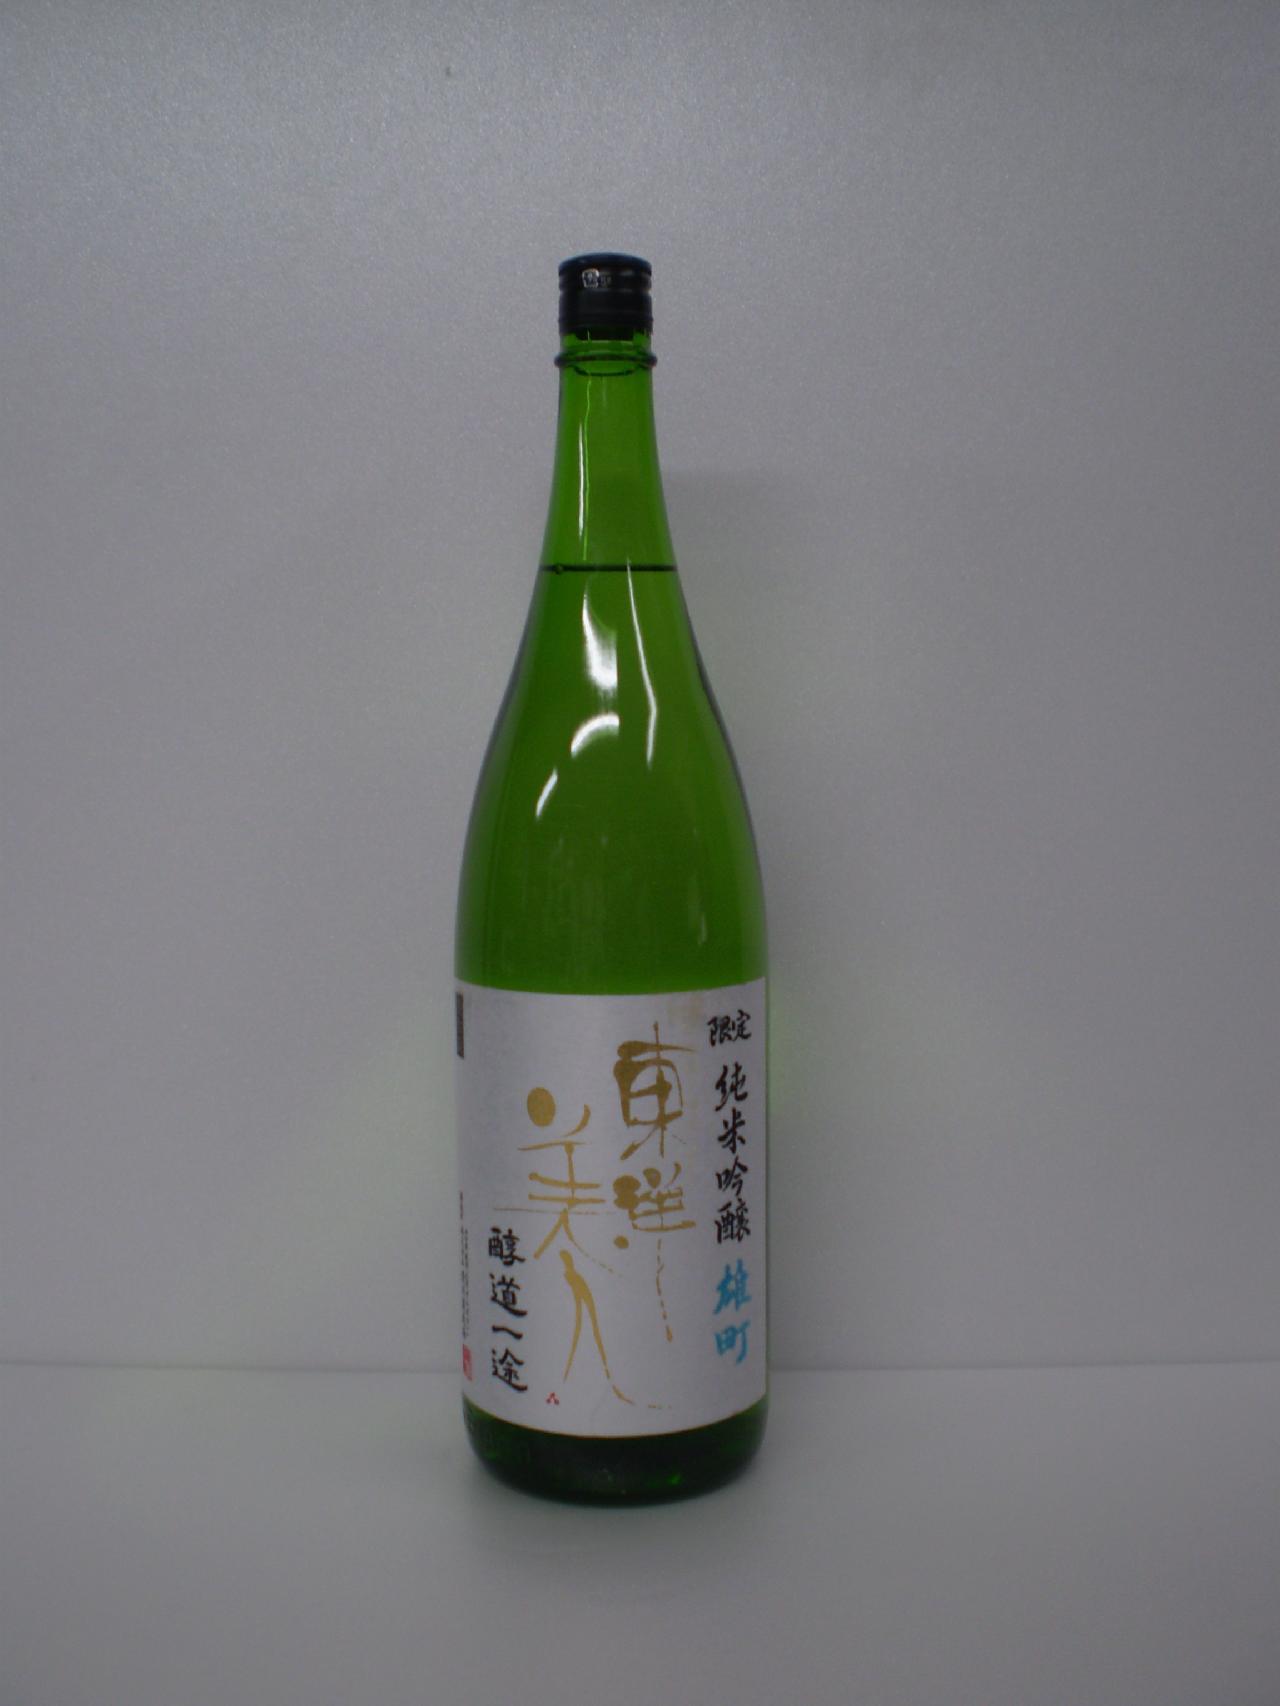 東洋美人 純米吟醸 雄町 1800ml 澄川酒造場